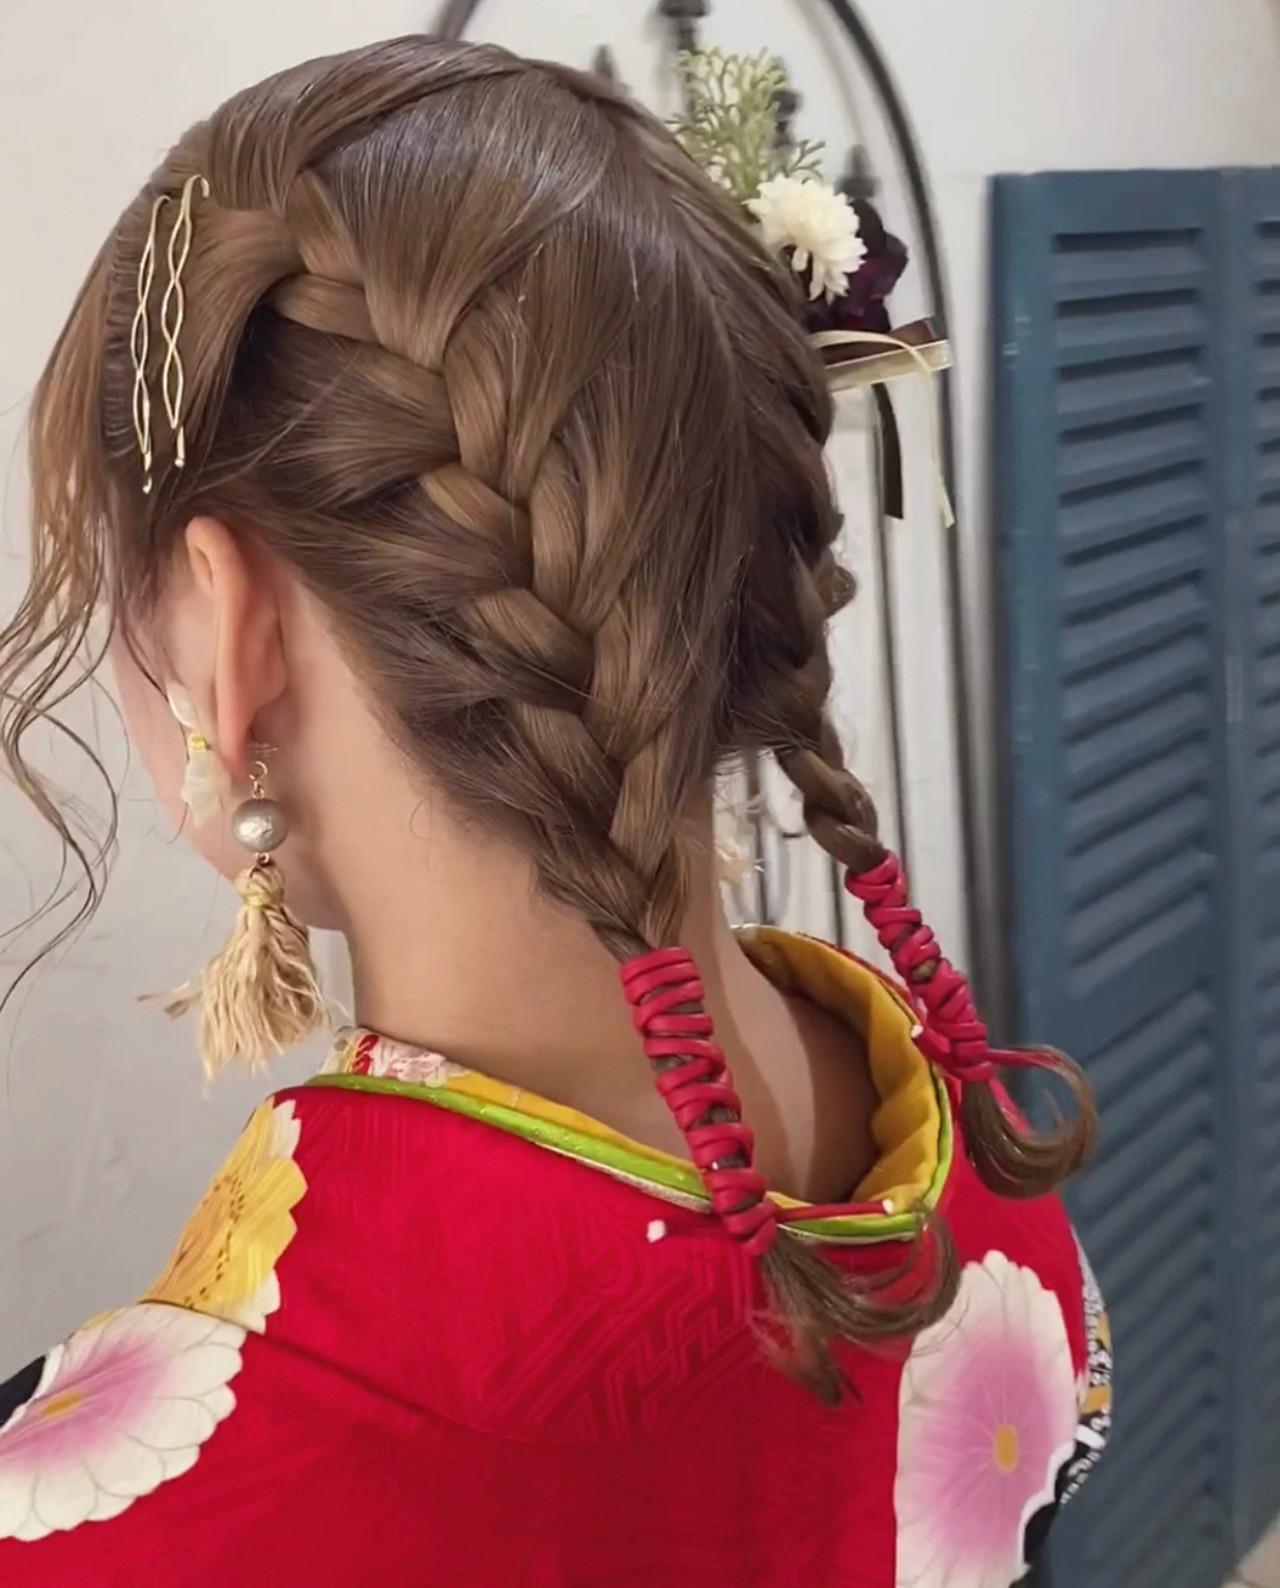 ナチュラル 卒業式 ミディアム ハンドメイド ヘアスタイルや髪型の写真・画像